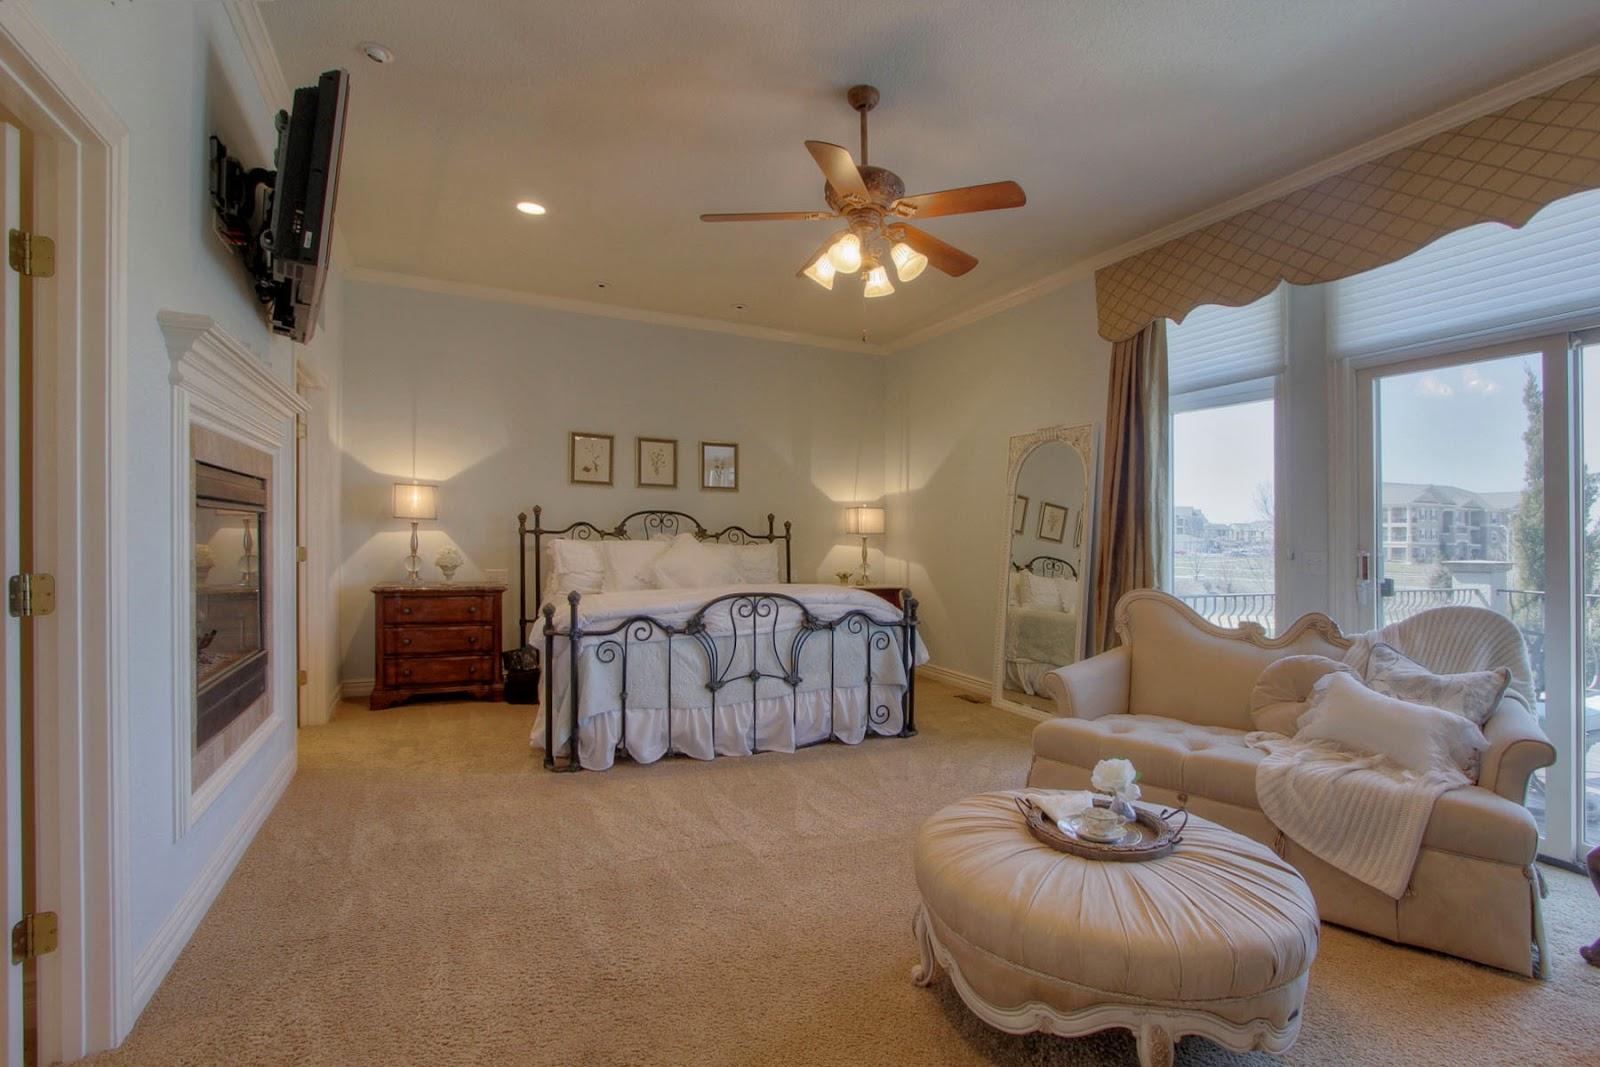 Beaux R Eves Hardwood Floors In The Master Bedroom Step